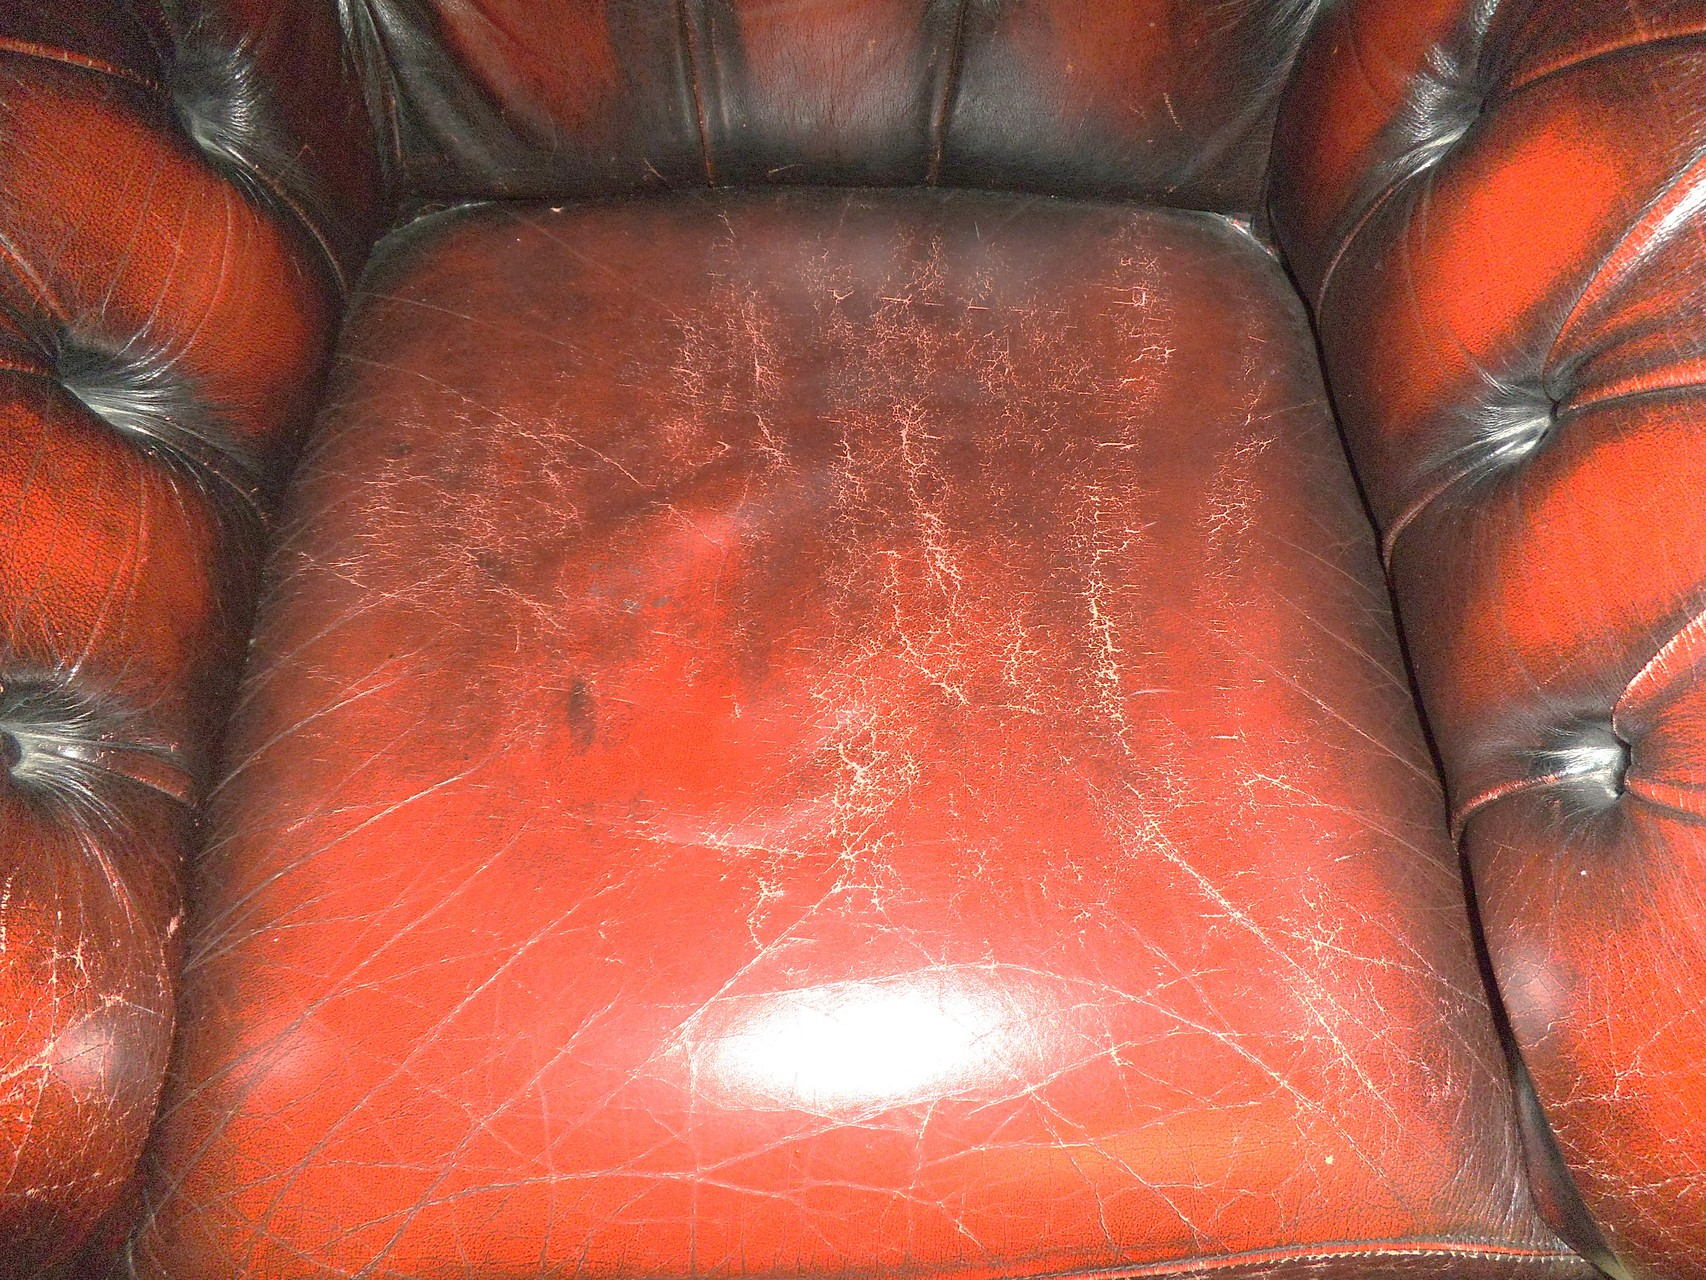 Sessel, Farbe oberflächlich angegriffen